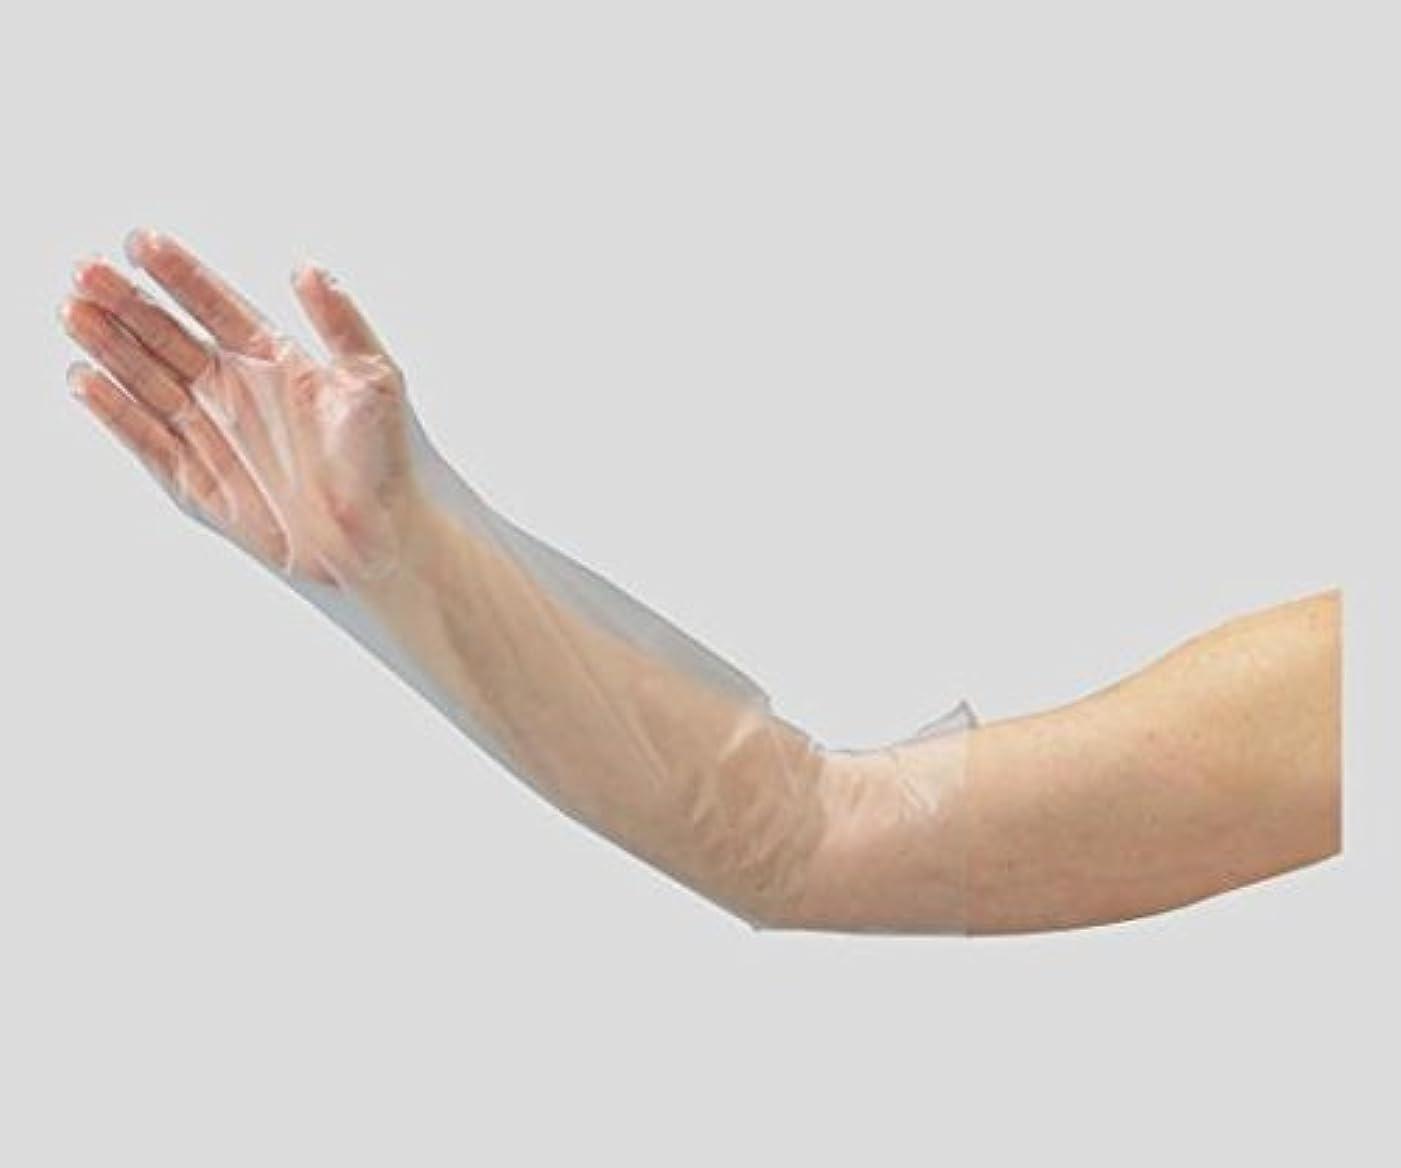 スカリー踏み台方法2-9757-02ポリエチレンロング手袋(ひじピタ)M100枚入